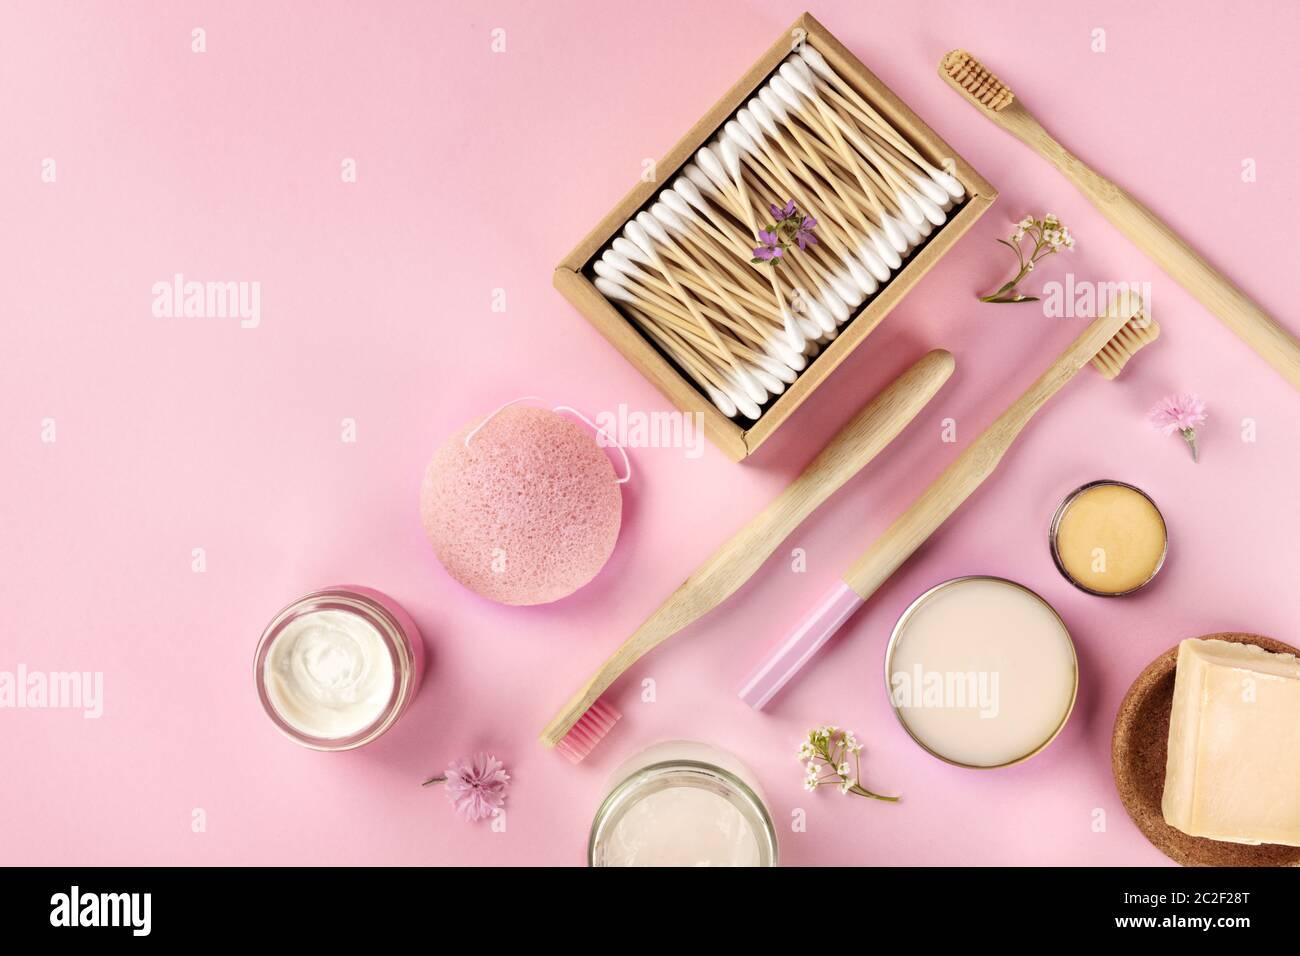 Cosméticos sin plástico, sin residuos, planos sobre un fondo rosa. Cepillos de dientes de bambú y hisopos de algodón, esponja konjac, natural Foto de stock